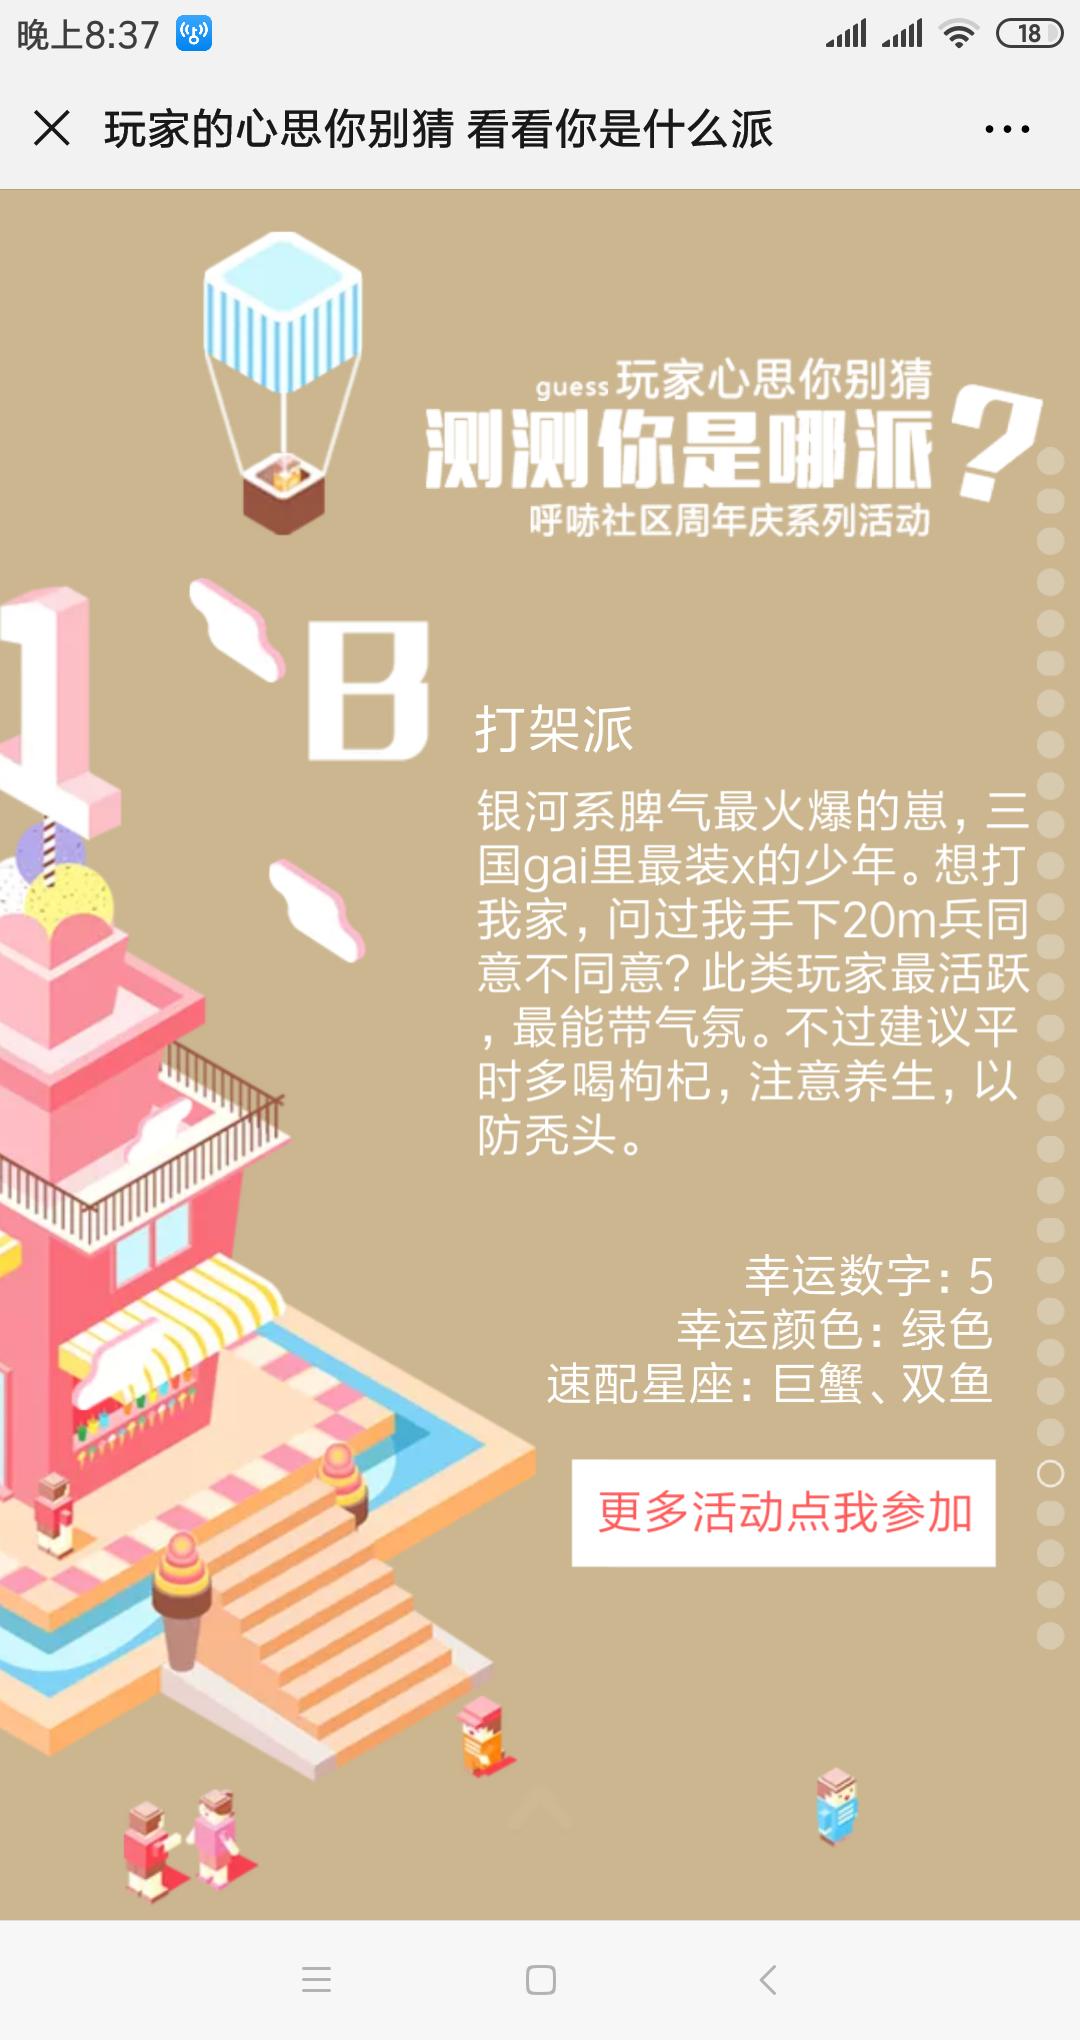 Screenshot_2019-07-25-20-37-04-975_com.tencent.mm.png